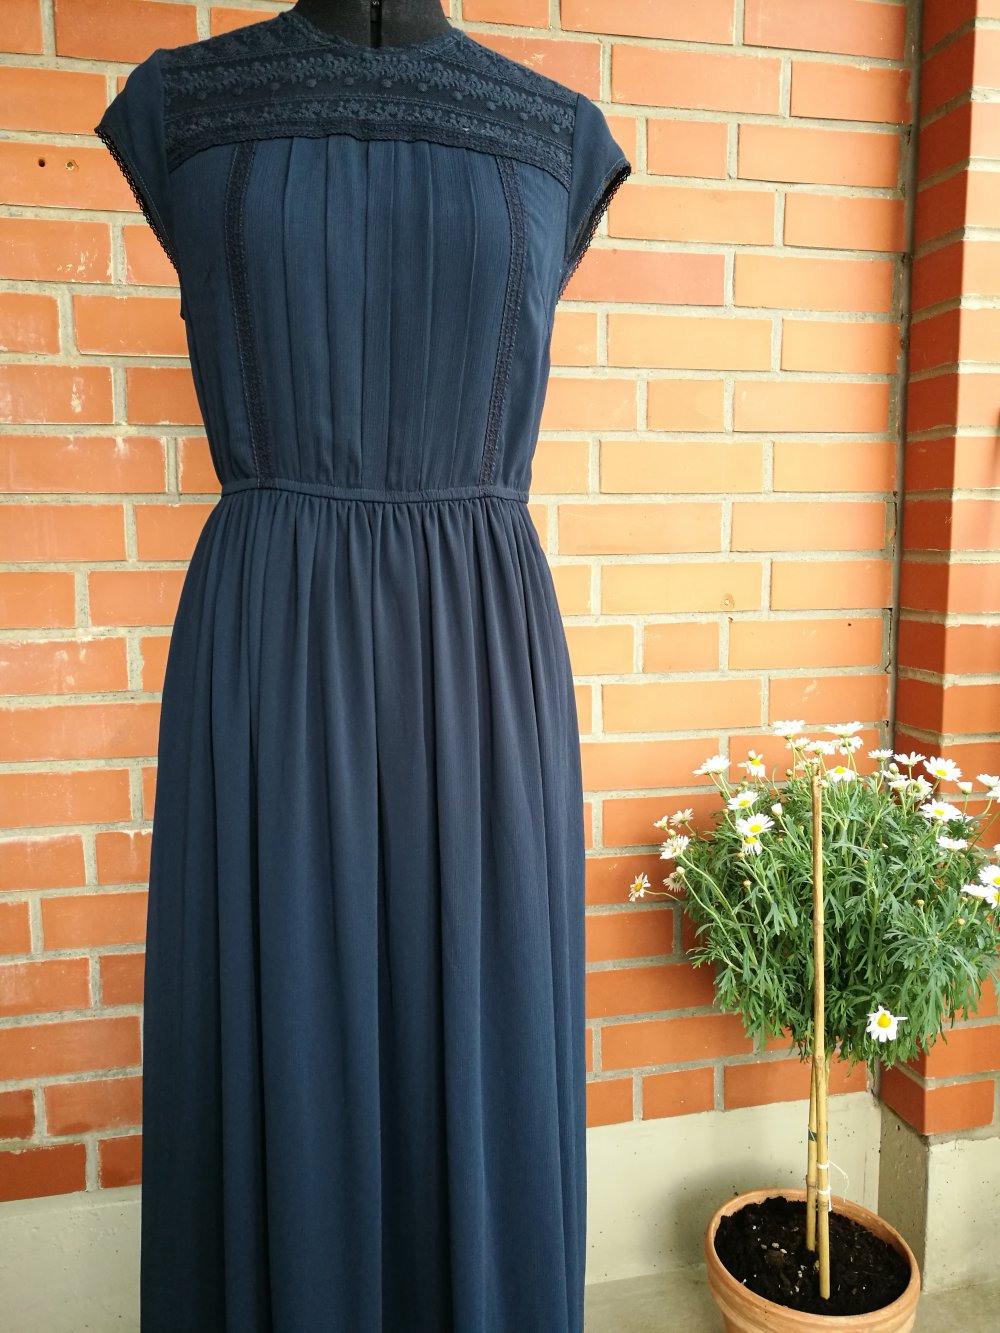 Abend Elegant Abendkleider X Figur Boutique15 Coolste Abendkleider X Figur Design